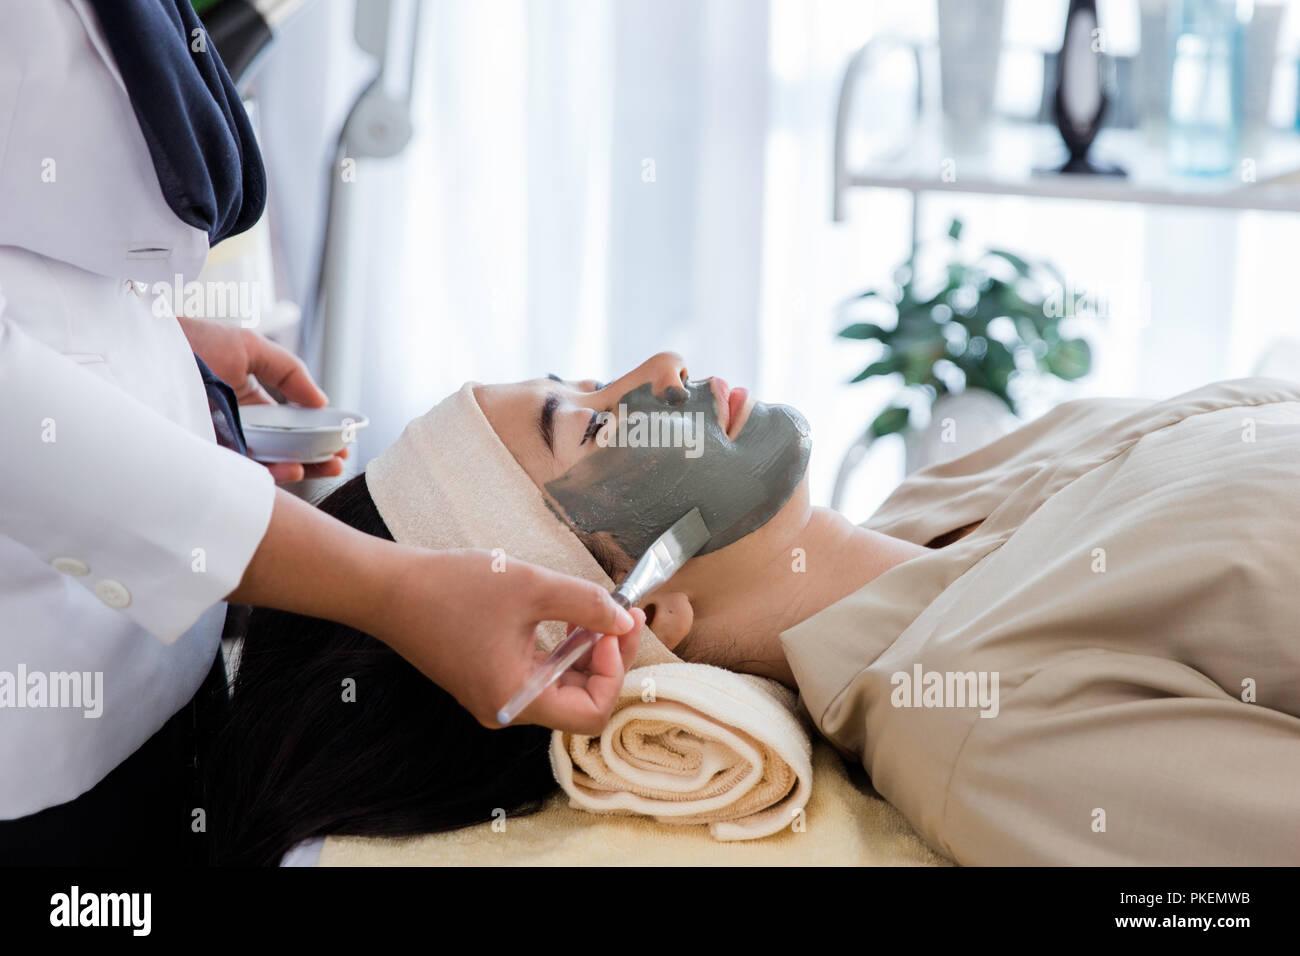 Imagen de la esteticista haciendo máscara facial Imagen De Stock